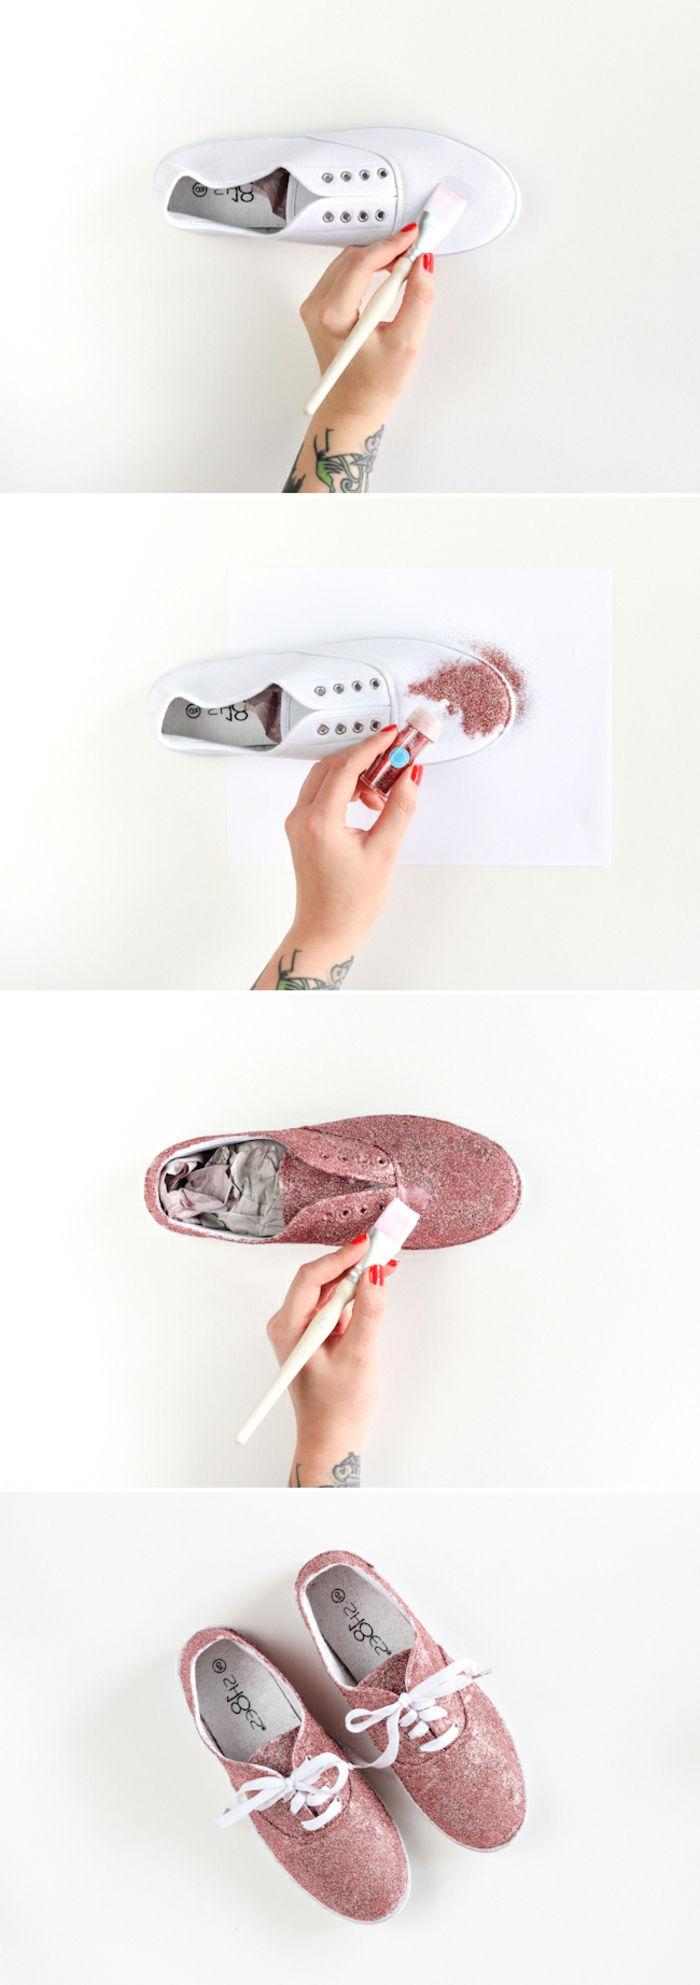 customiser ses chaussures colle decoupage et paillettes couleur rose id C3 A9e activite manuelle pour des adultes bricolage0facile